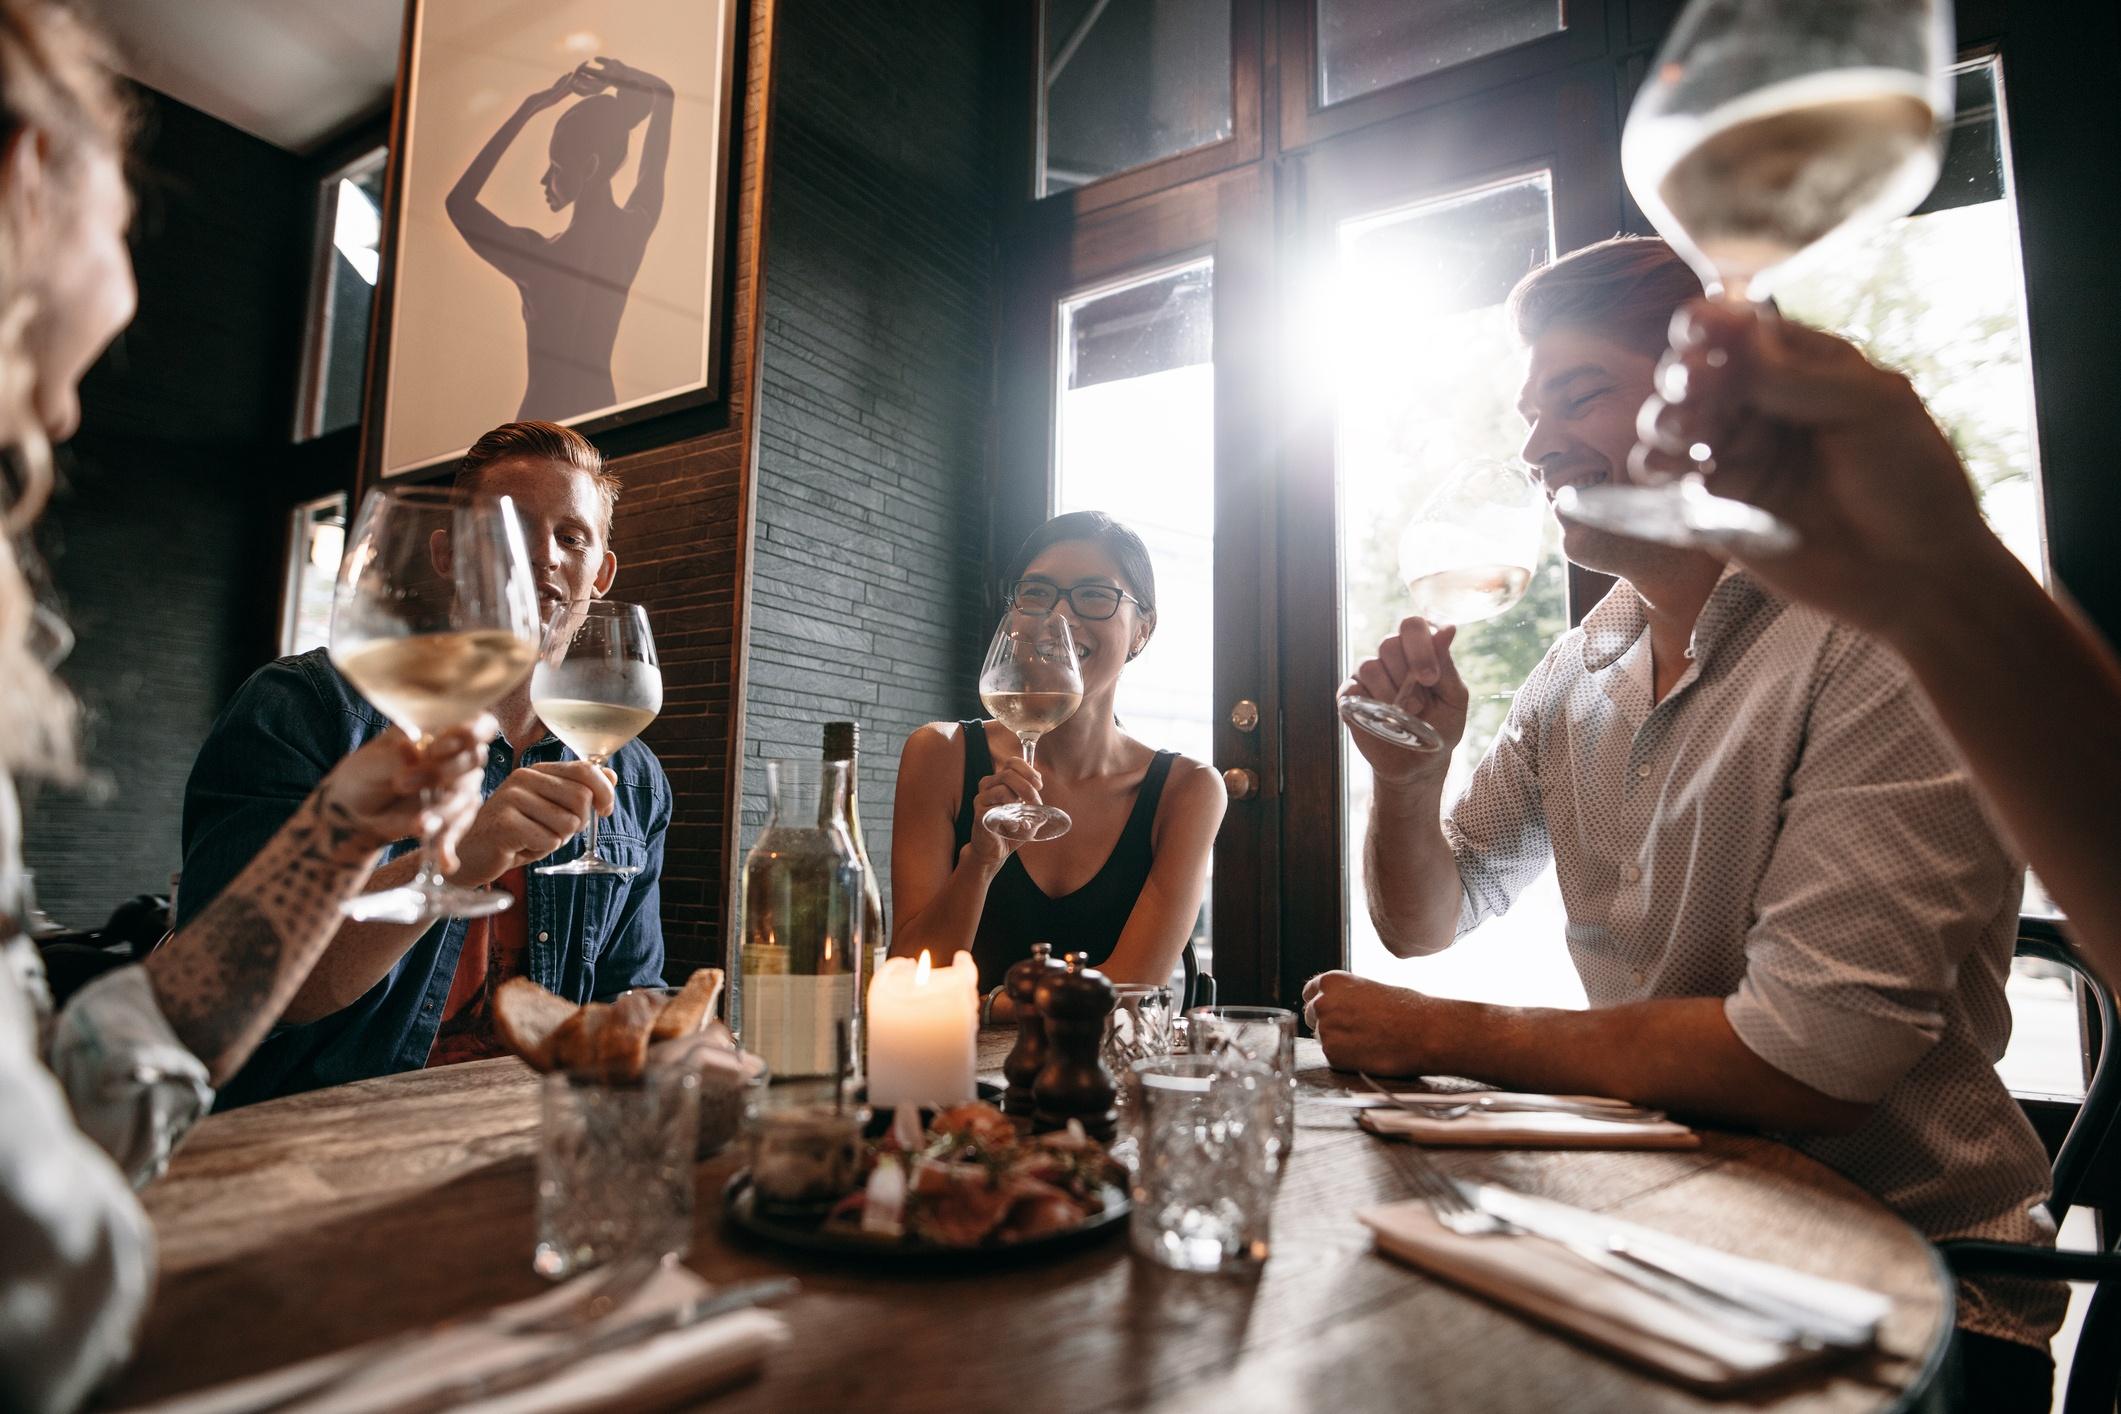 Entrepreneurs in restaurant